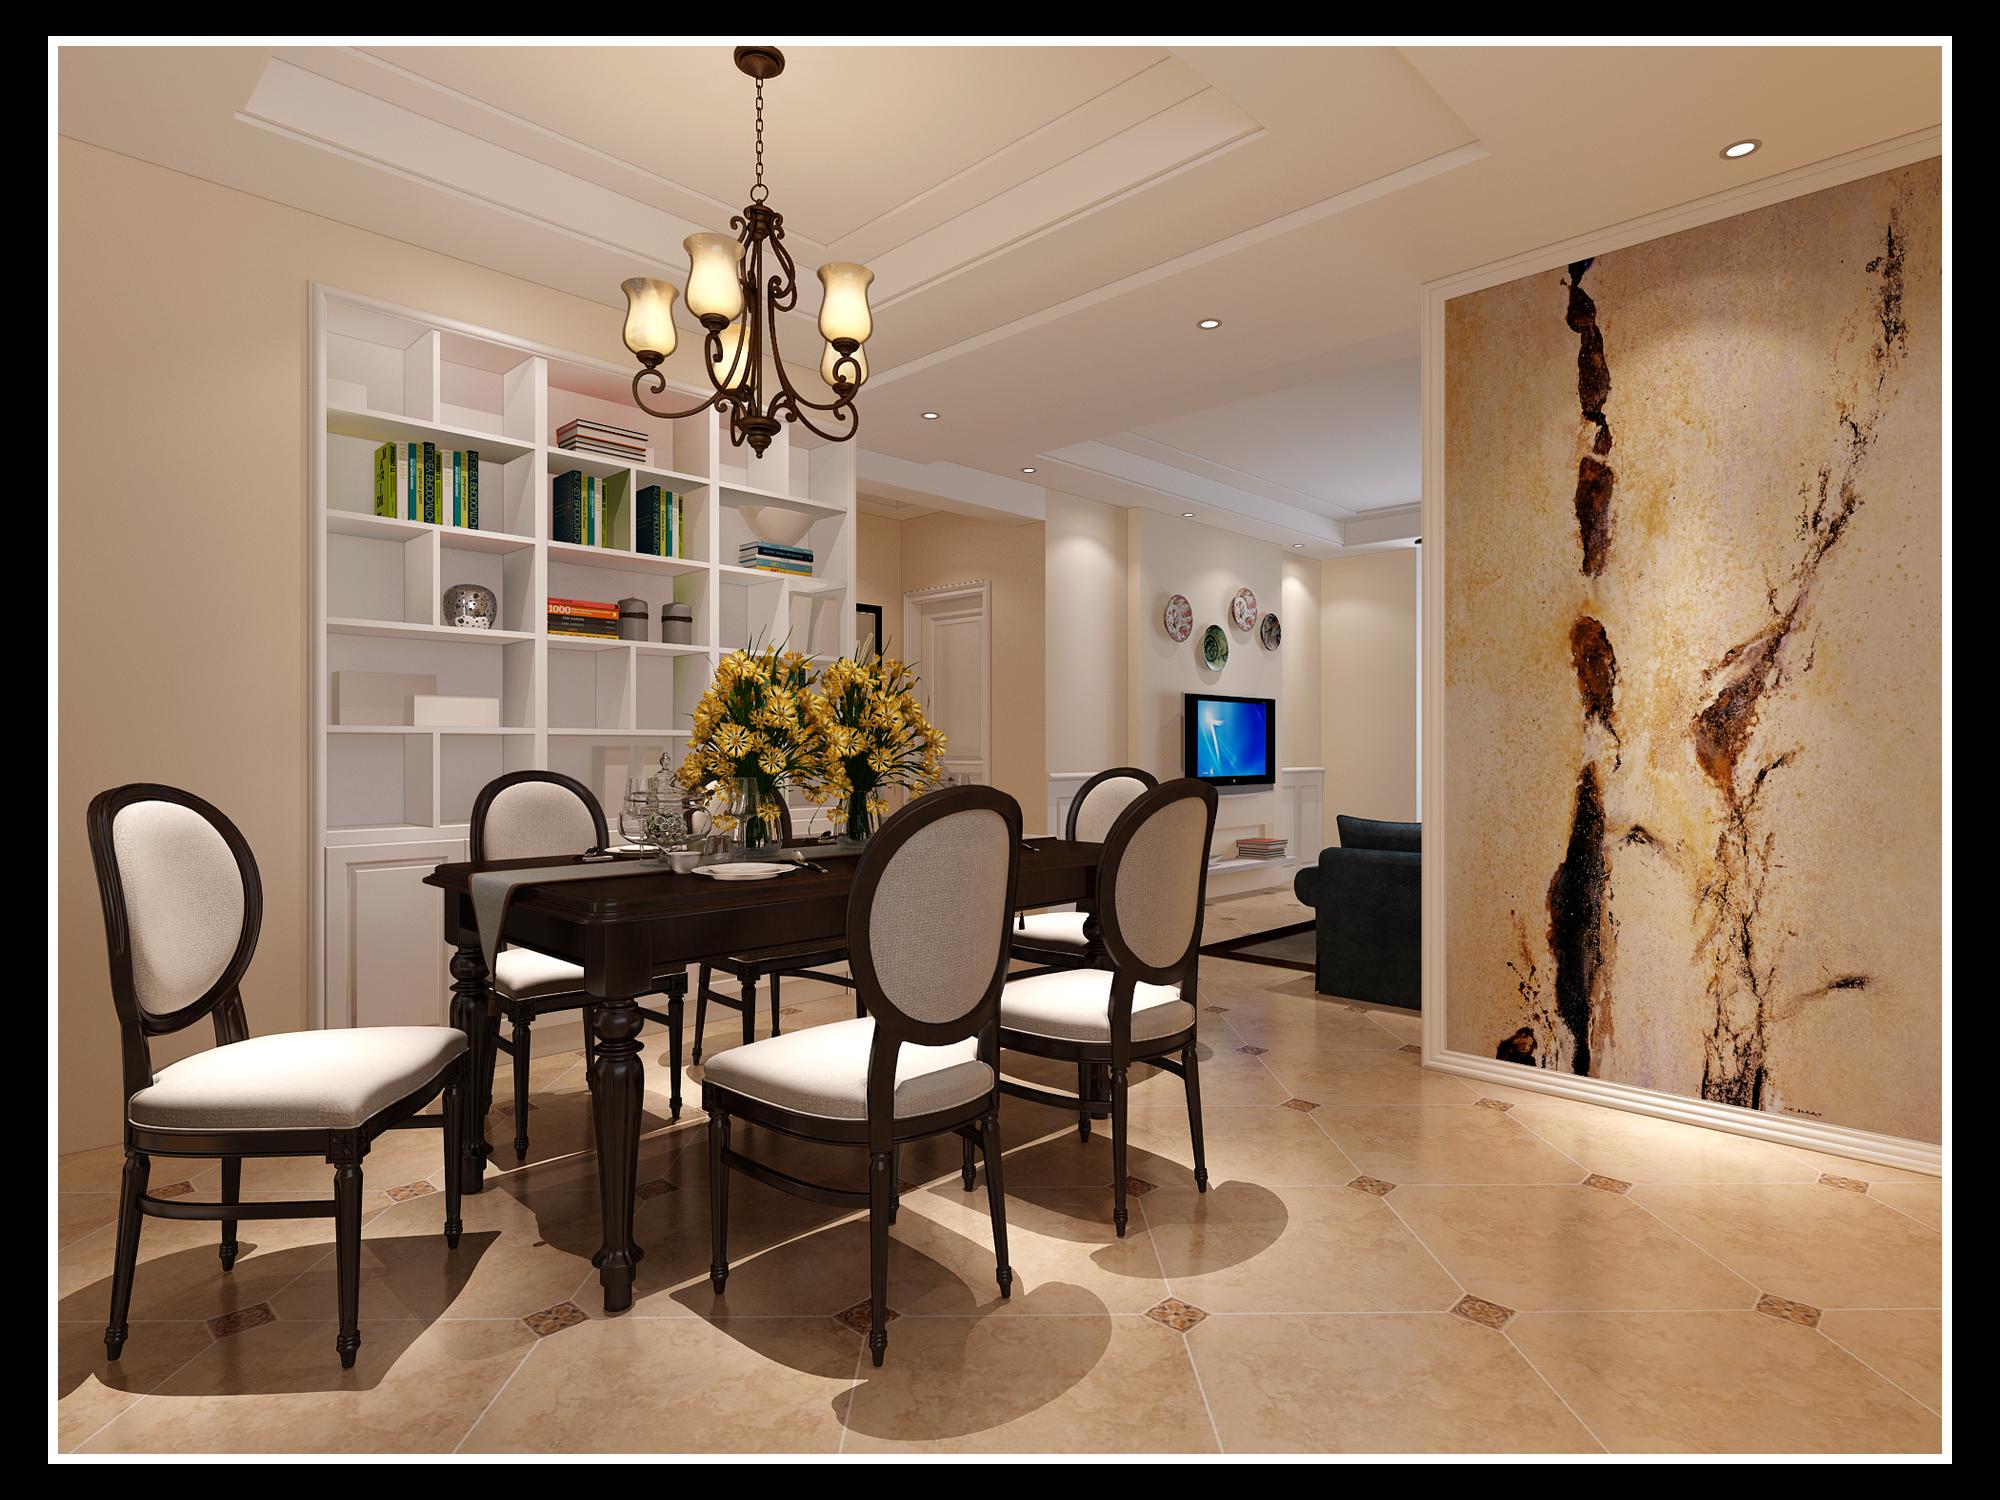 简约 美式 三居 餐厅图片来自链连妞妞在慧苑华侨公寓的分享